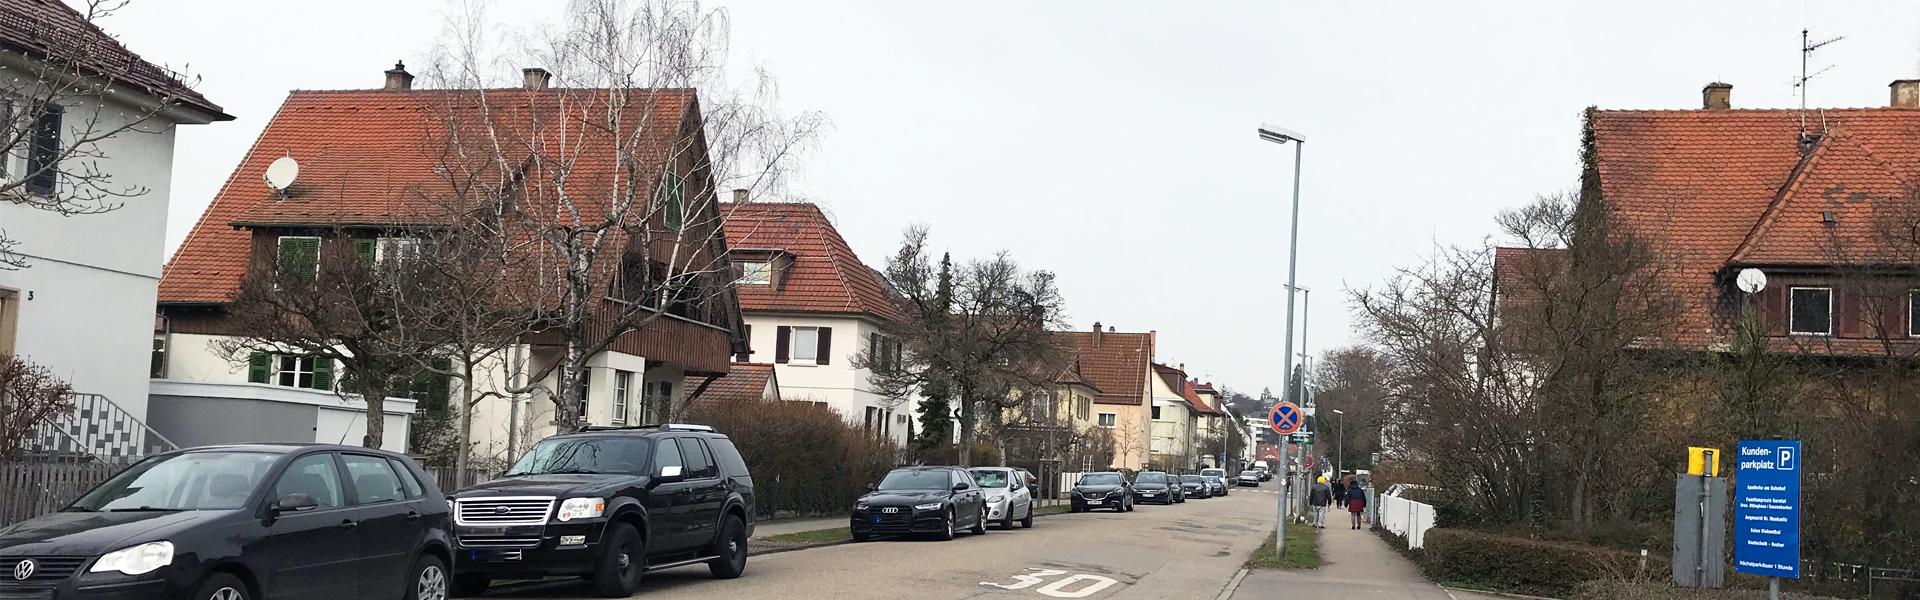 VU Korntal Münchingen | Südliche Innenstadt